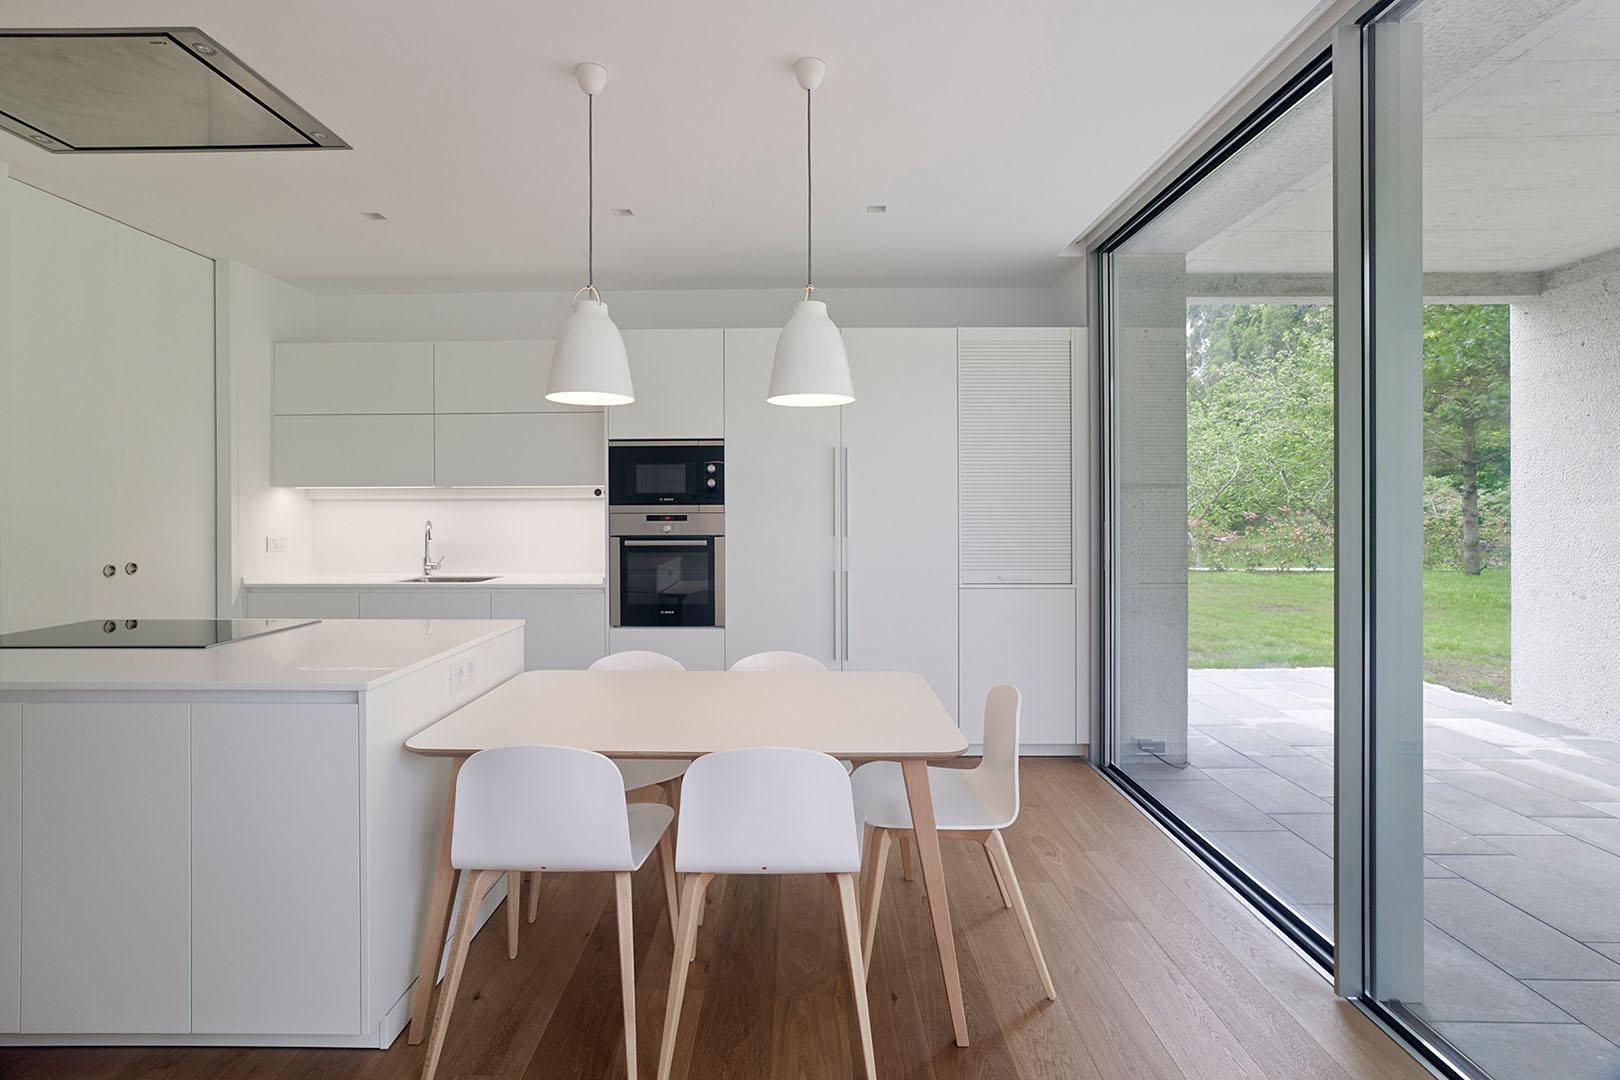 Cocina minimalista abierta en blanco